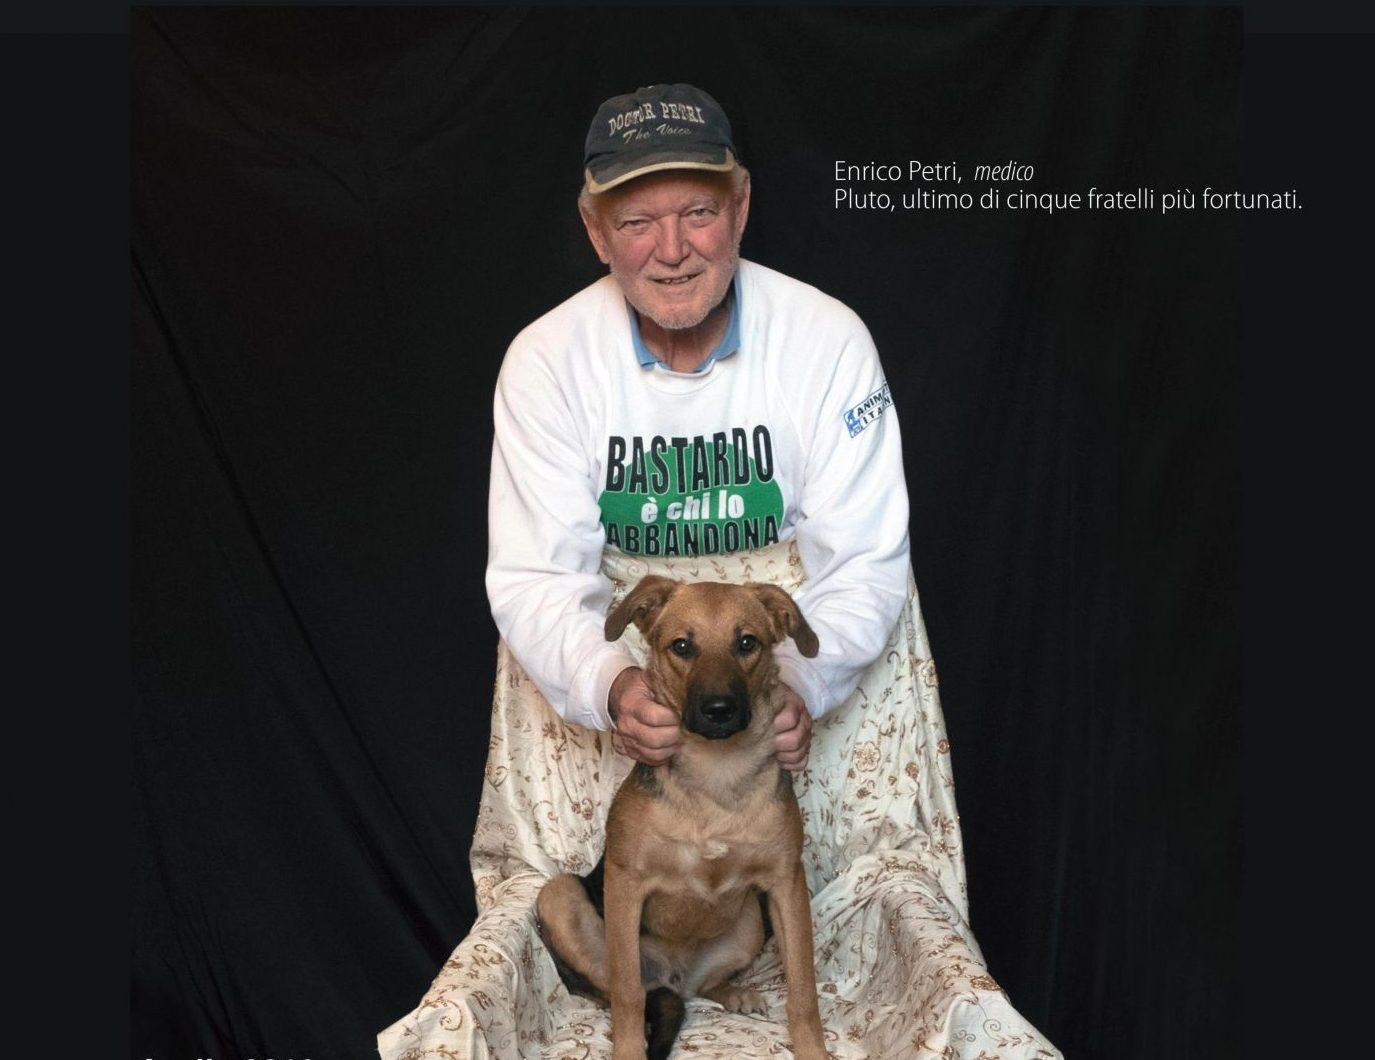 Un calendario per aiutare i cani della L.I.D.A.Versilia, nei clic anche il dottor Petri!